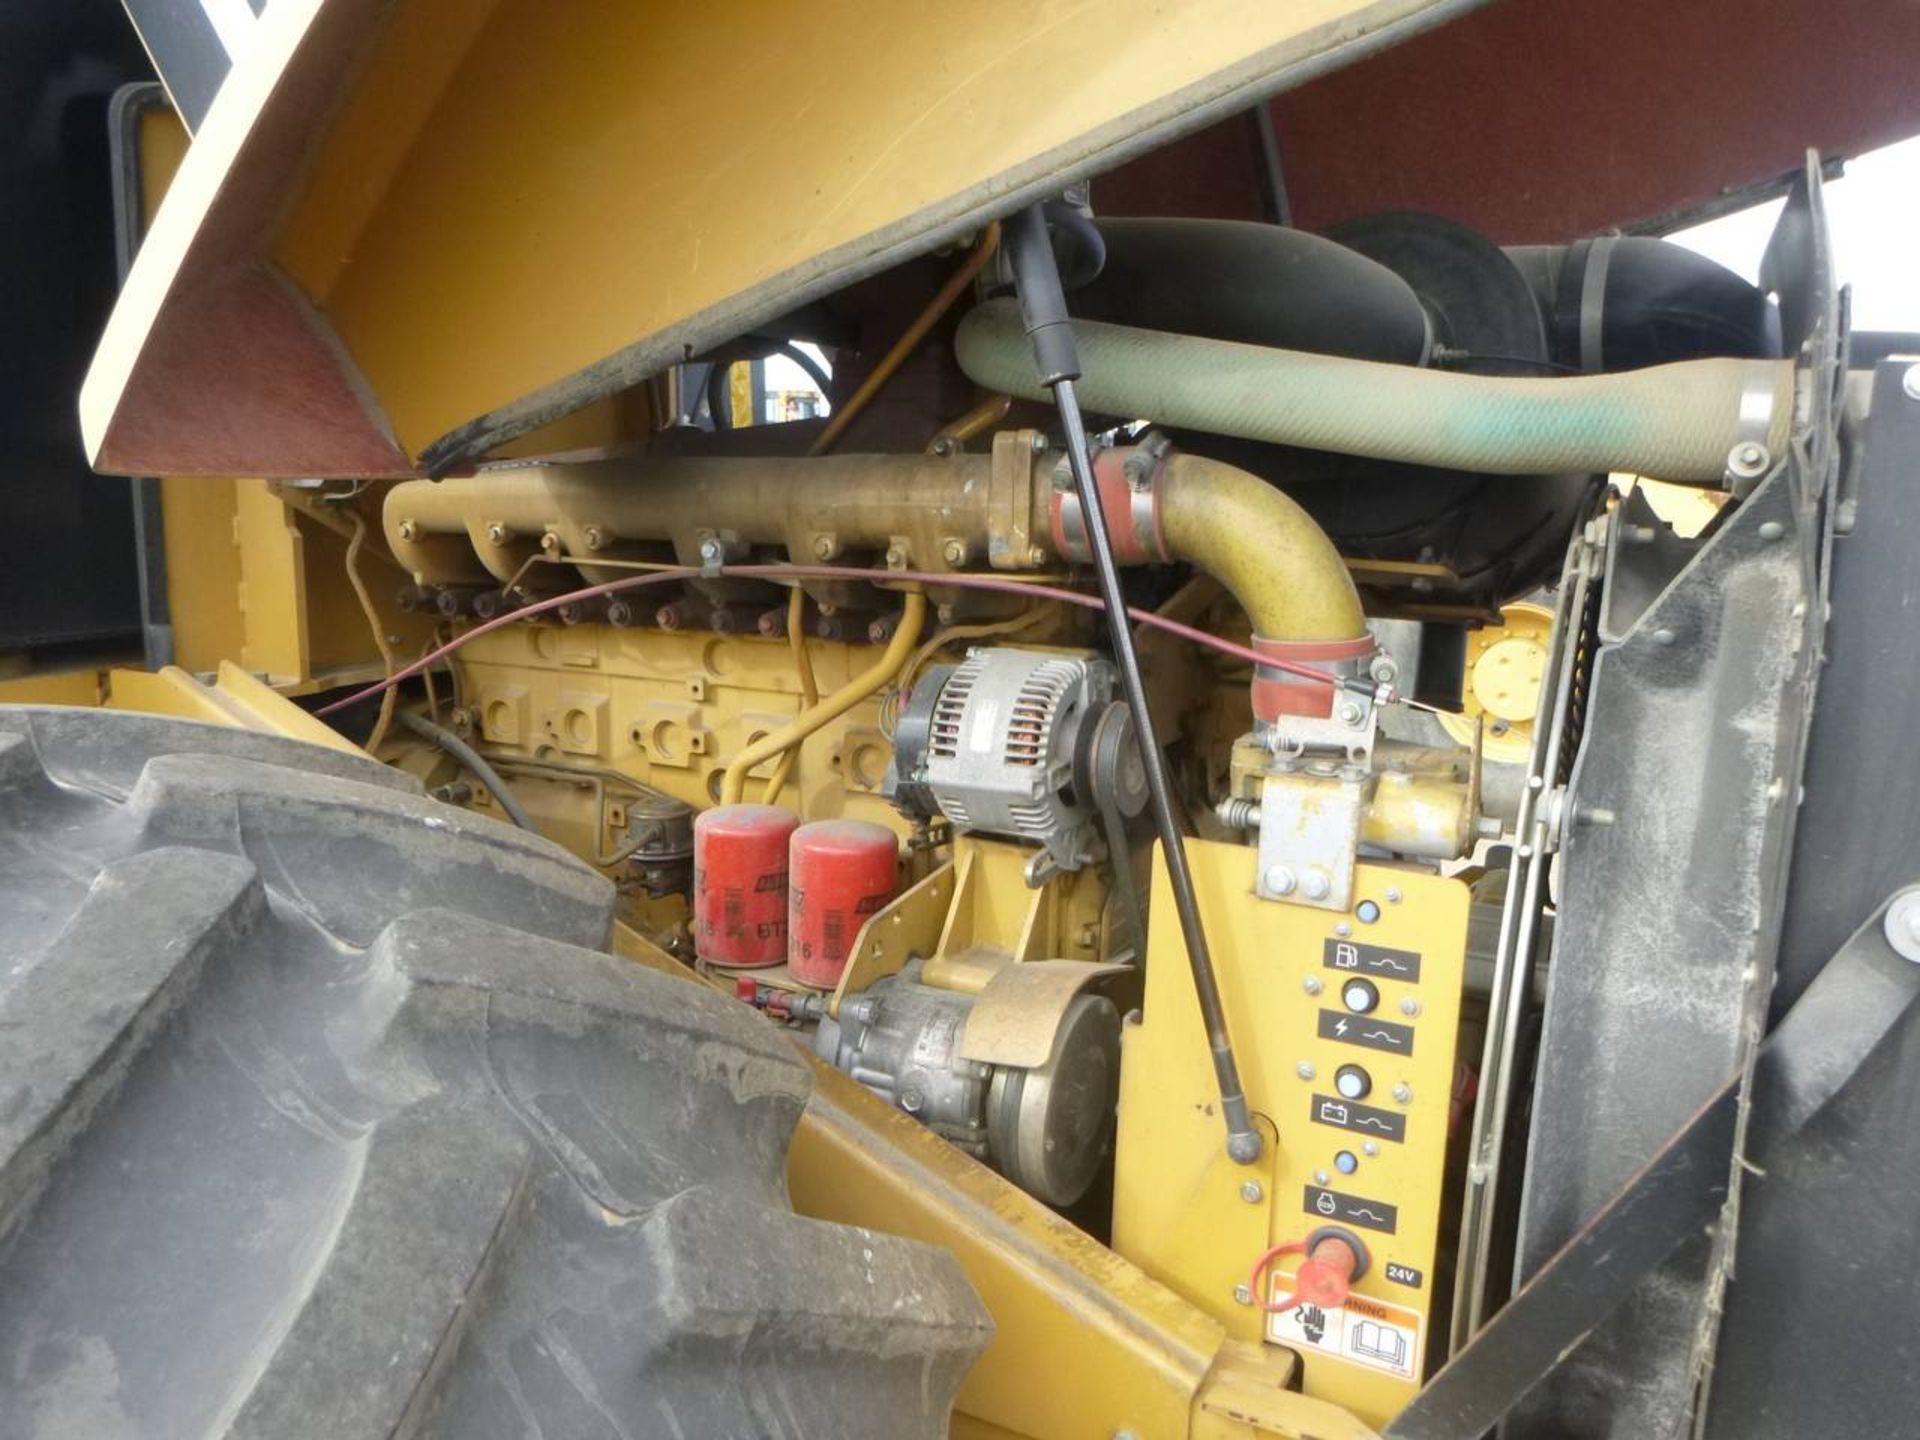 2006 Caterpillar CP-563E Compactor - Image 6 of 9